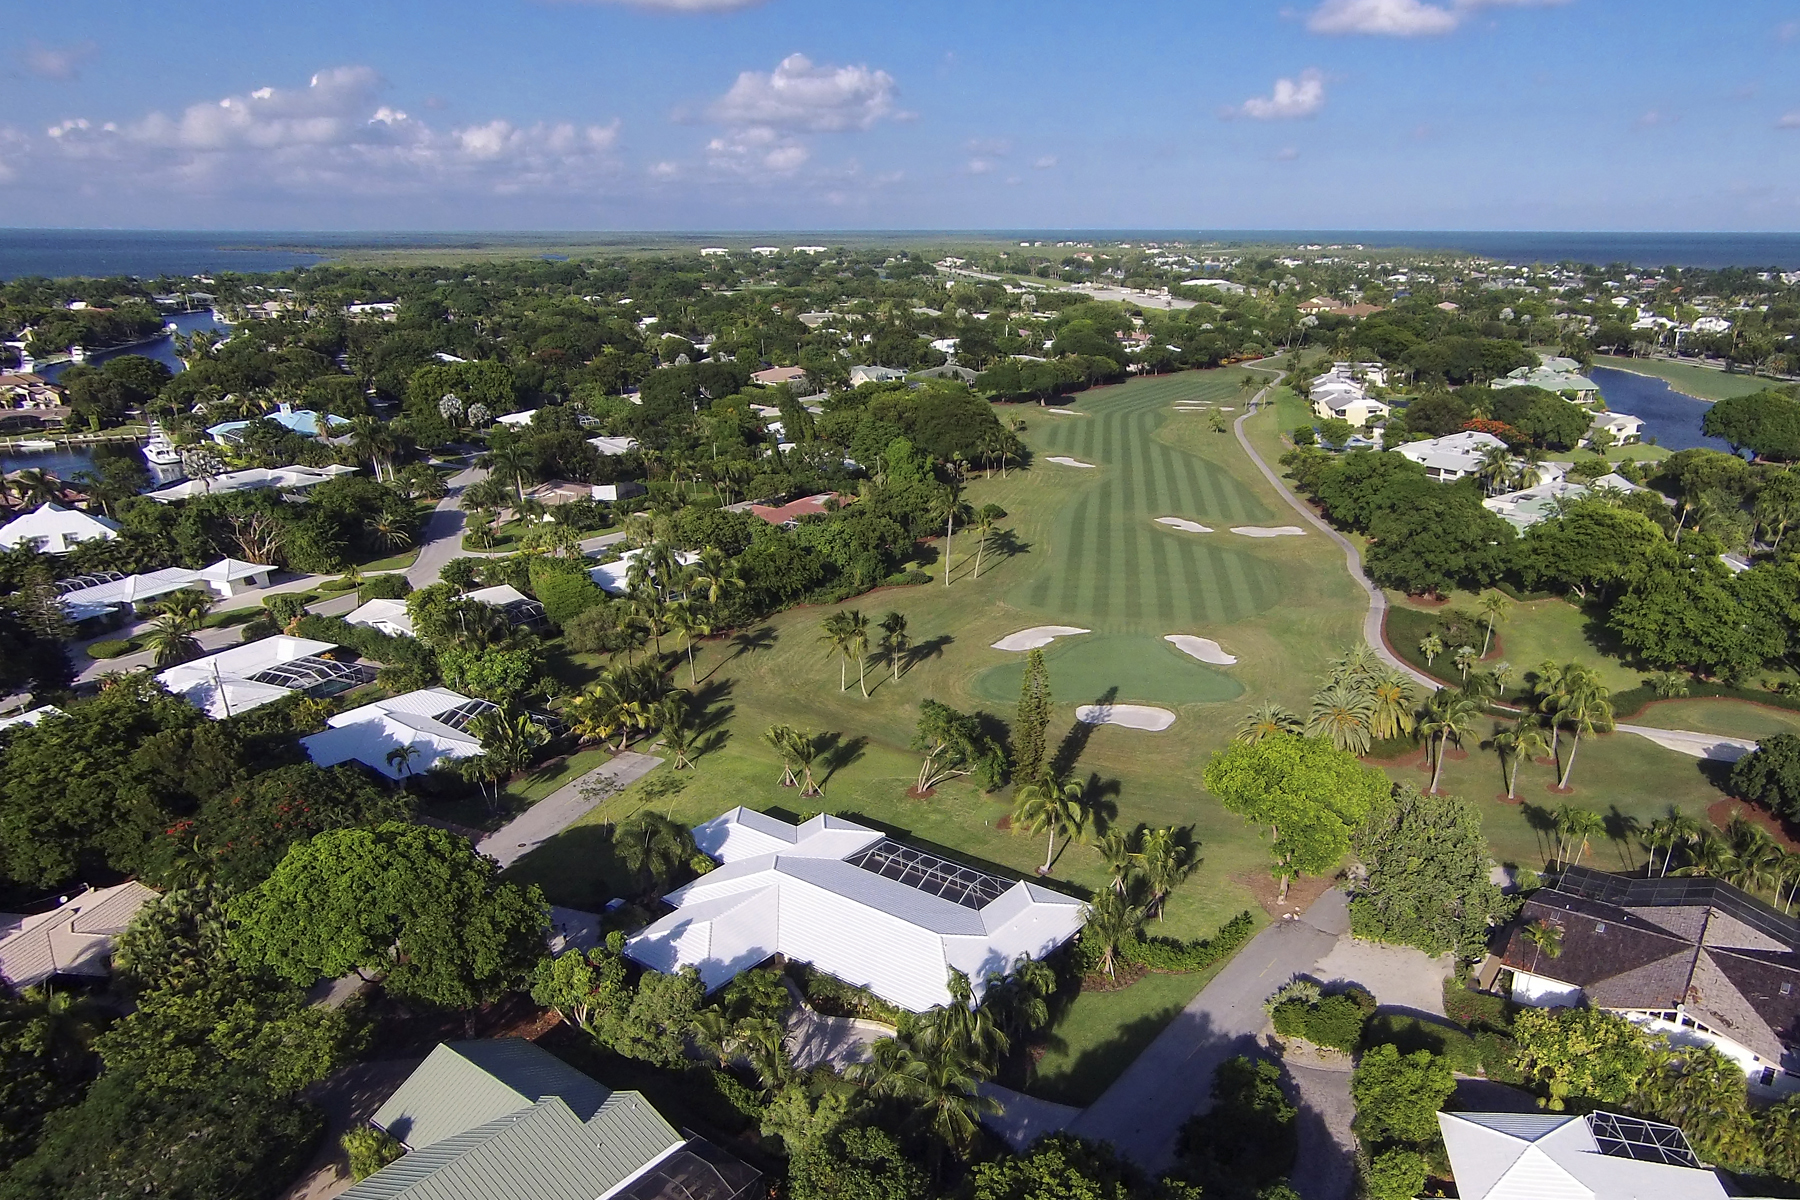 独户住宅 为 销售 在 Panoramic Golf Course Views at Ocean Reef 2 Spray Road 拉哥, 佛罗里达州, 33037 美国